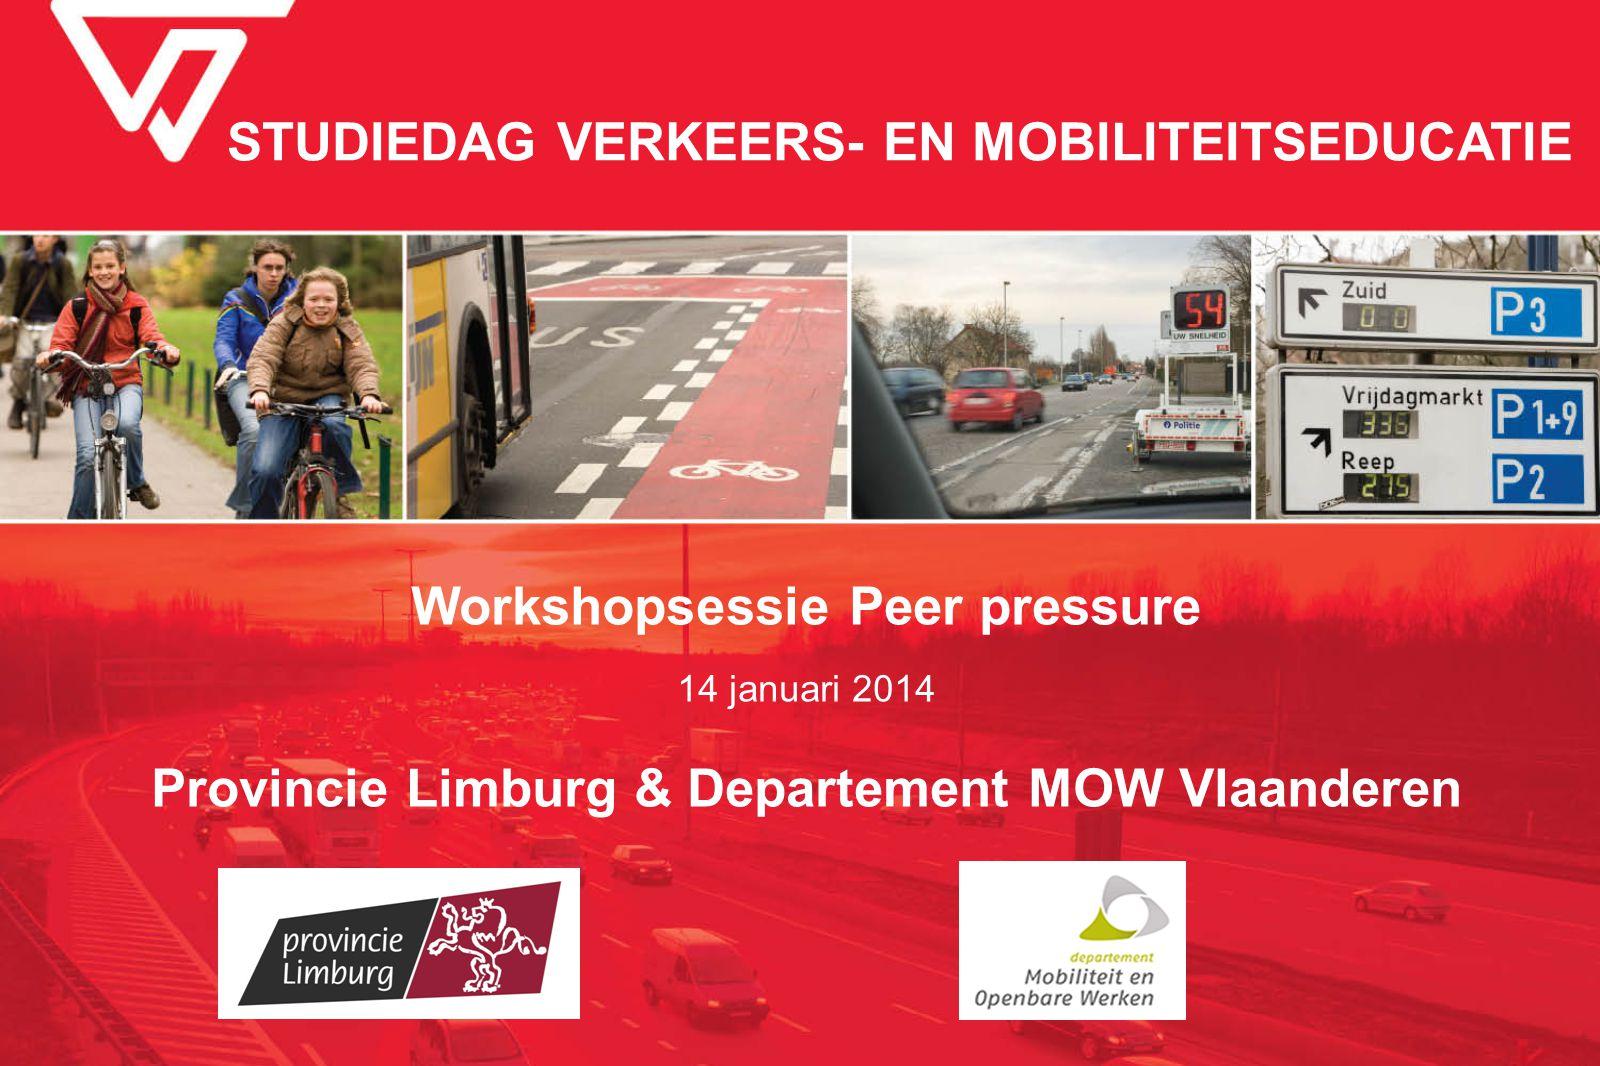 STUDIEDAG VERKEERS- EN MOBILITEITSEDUCATIE Workshopsessie Peer pressure 14 januari 2014 Provincie Limburg & Departement MOW Vlaanderen